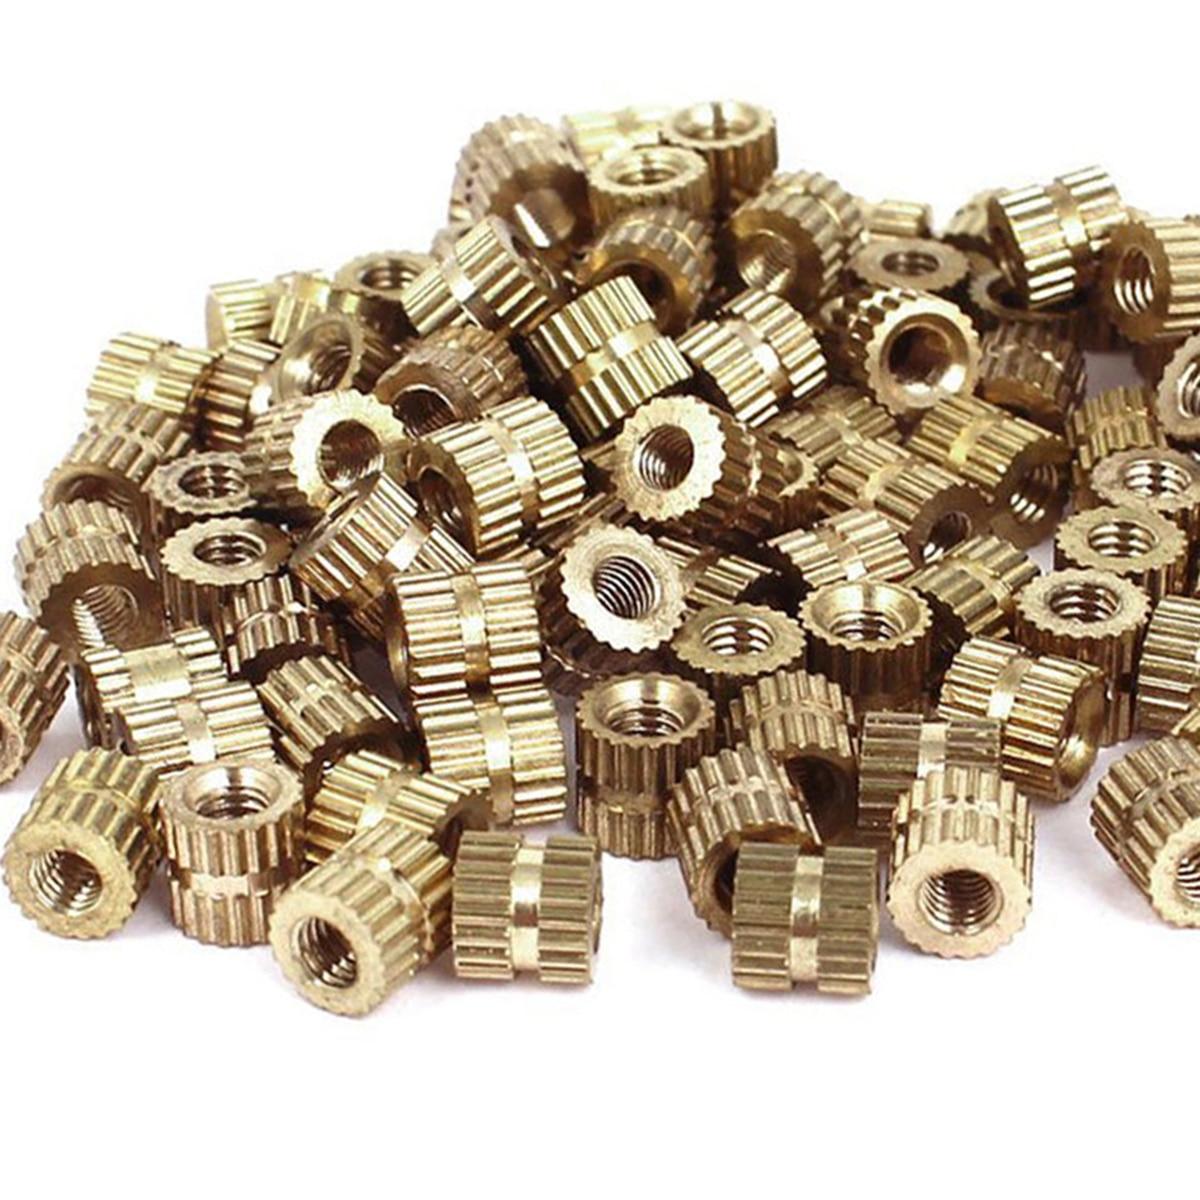 100pcs M3 Thread Metric Brass Knurl Round Insert Nuts 5mm Height 5mm(OD) Gold Tone